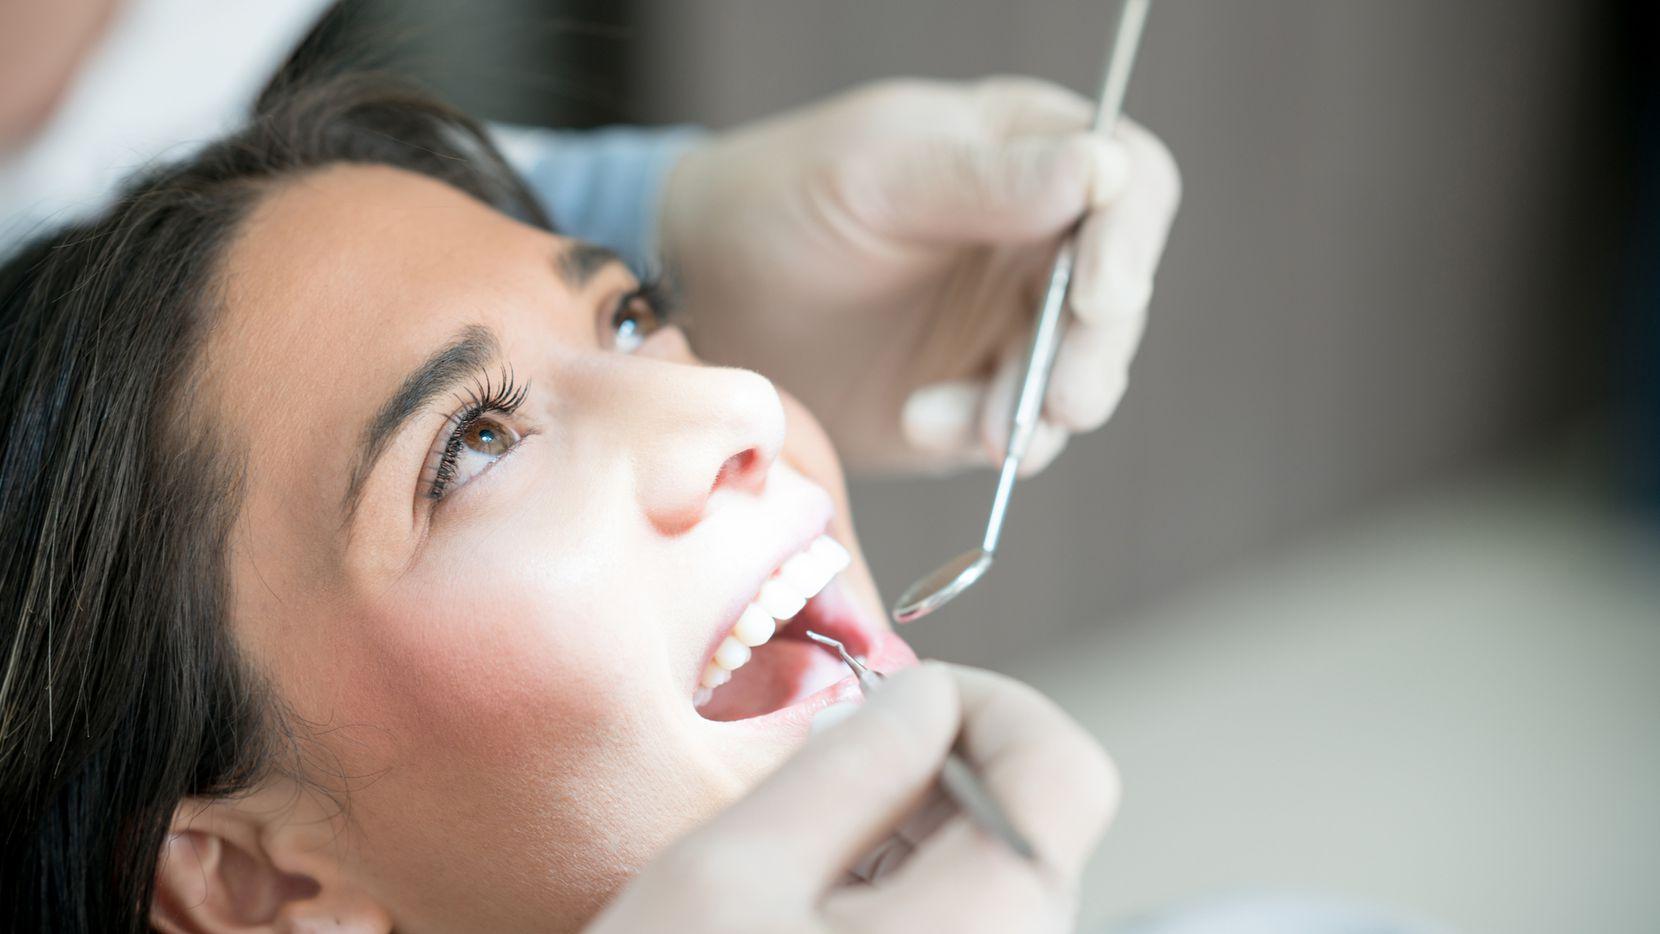 Ofrecerán servicios dentales gratuitos el 13 de julio. Hay que hacer cita. iSTOCK